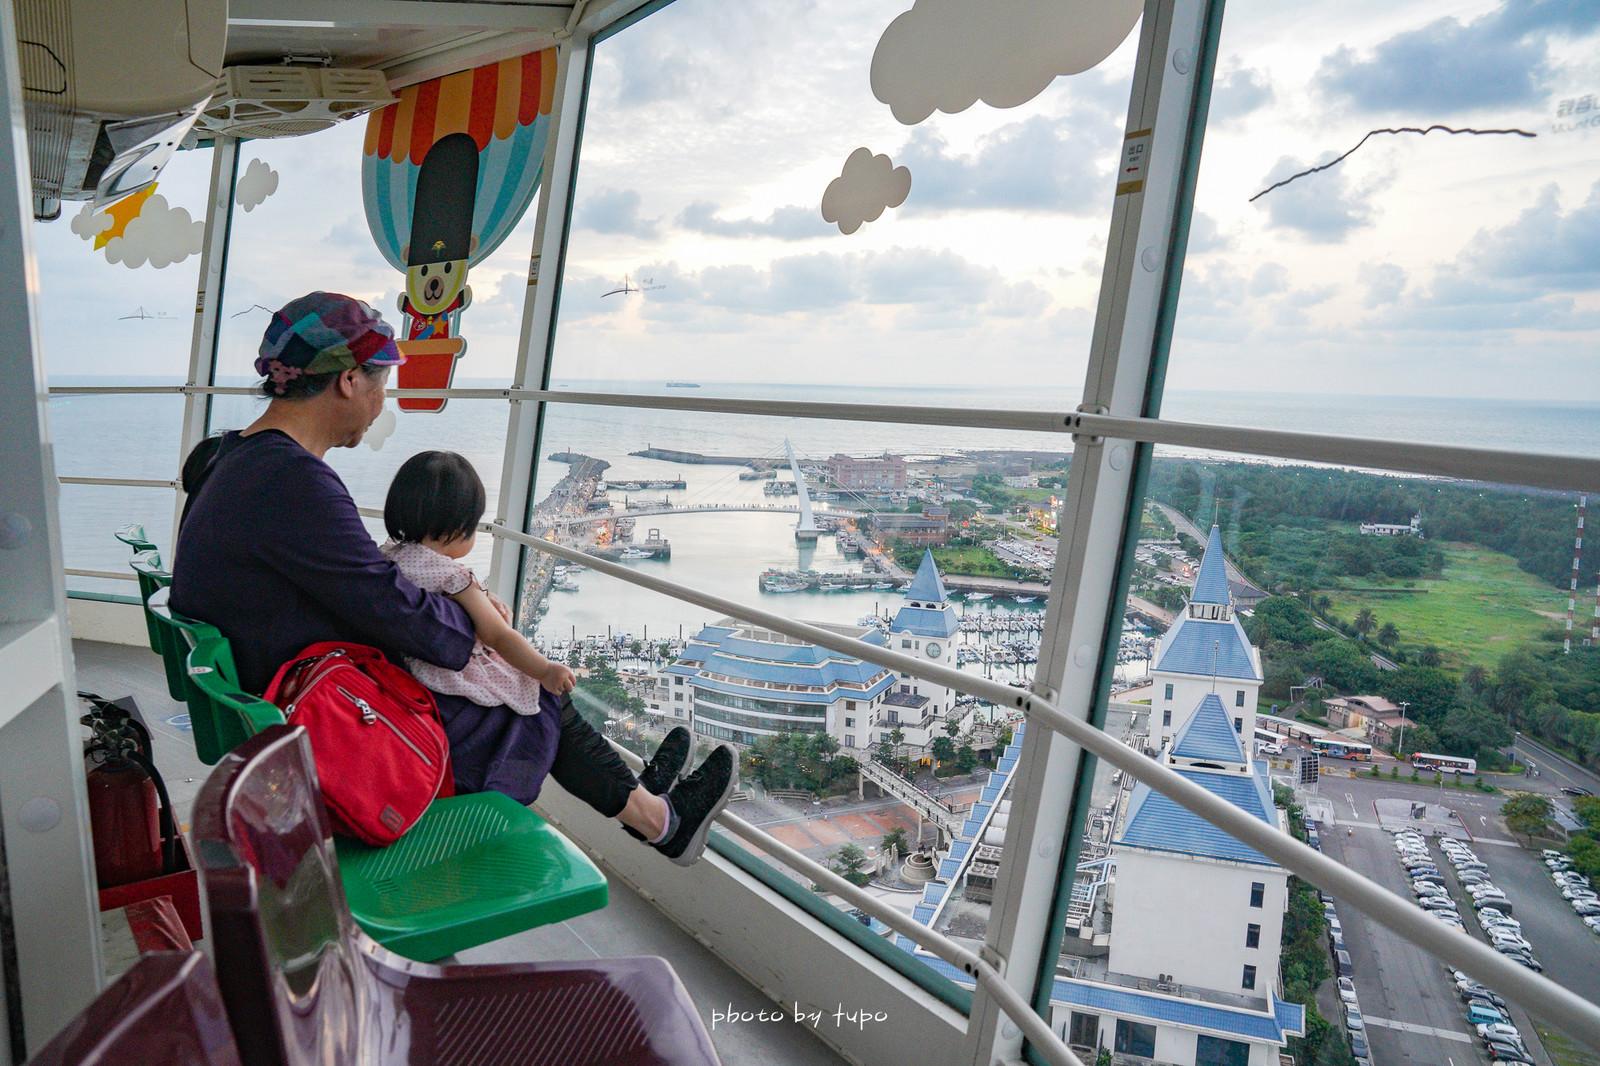 新北淡水景點》淡水情人塔,30樓高360度全視野景觀,山水海景一次滿足,透明座位絕佳賞景情侶約會必遊景點!